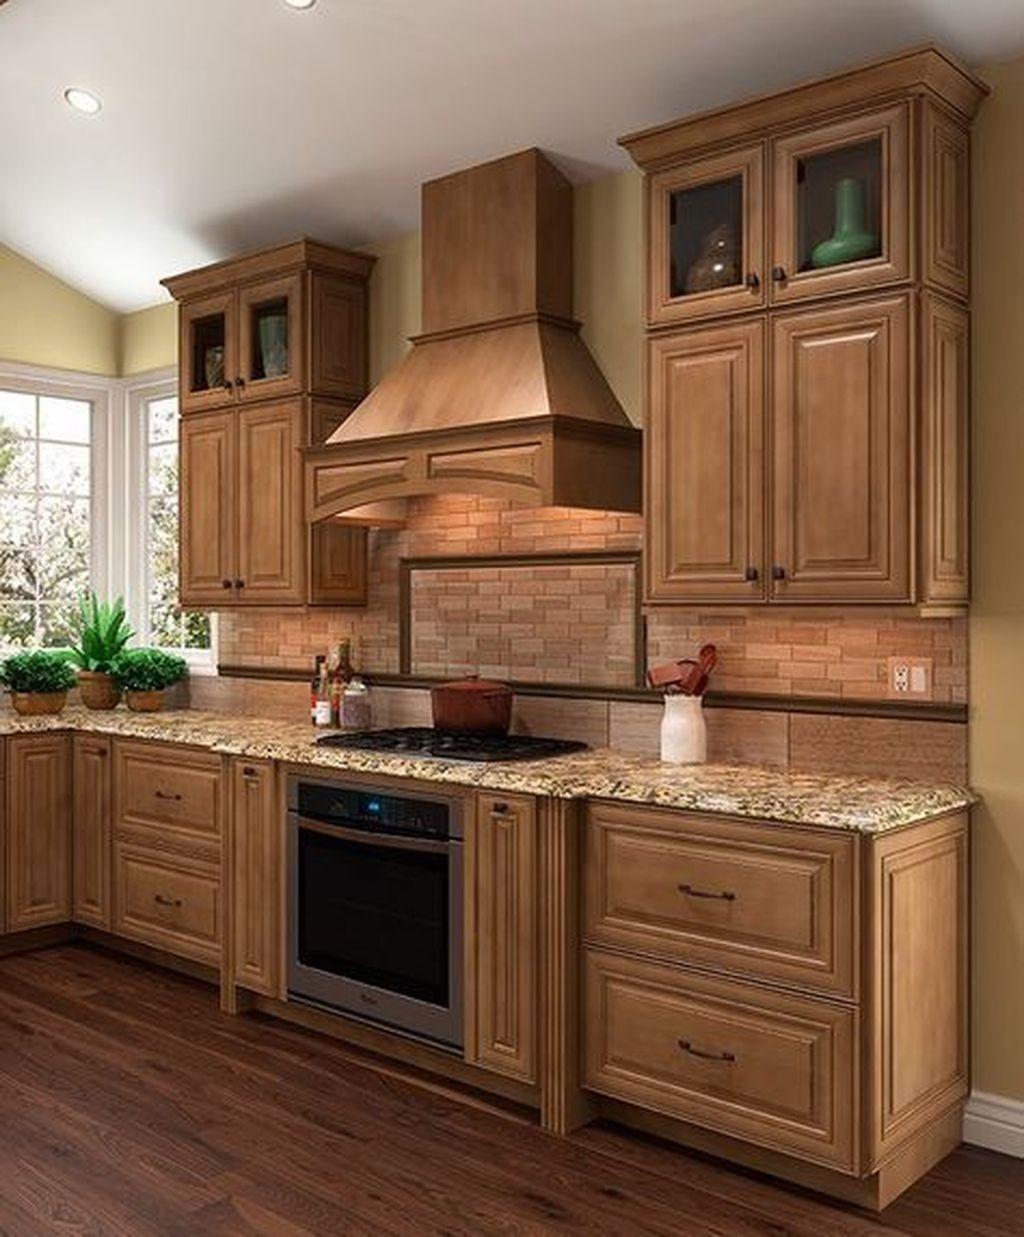 Knoty Pine Kitchen Cabinets: 46 Beautiful Luxury Kitchen Design Ideas To Get Elegant